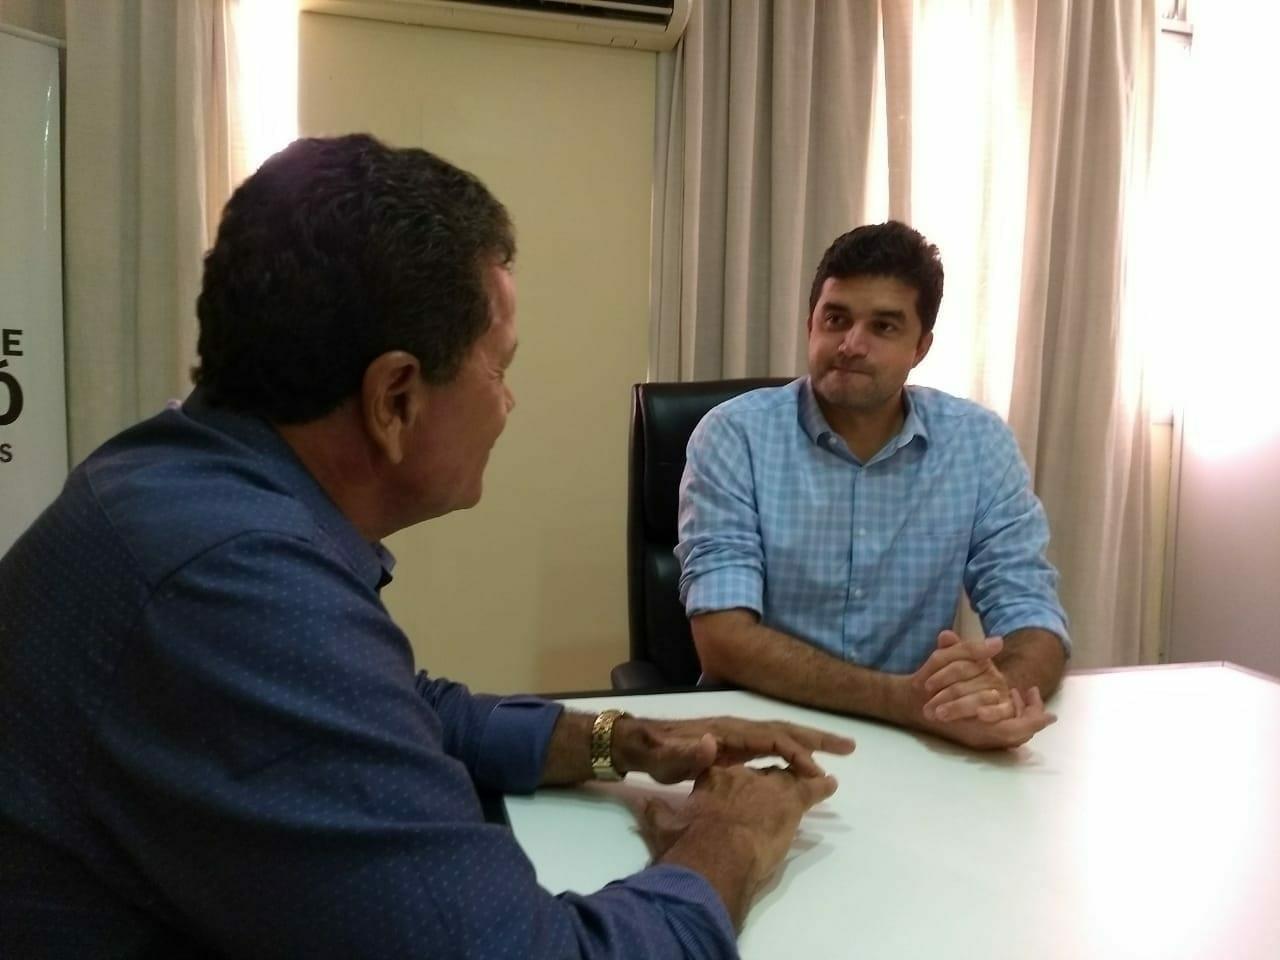 Taxistas pedem à prefeitura de Maceió celeridade na regulamentação dos aplicativos de transporte individual